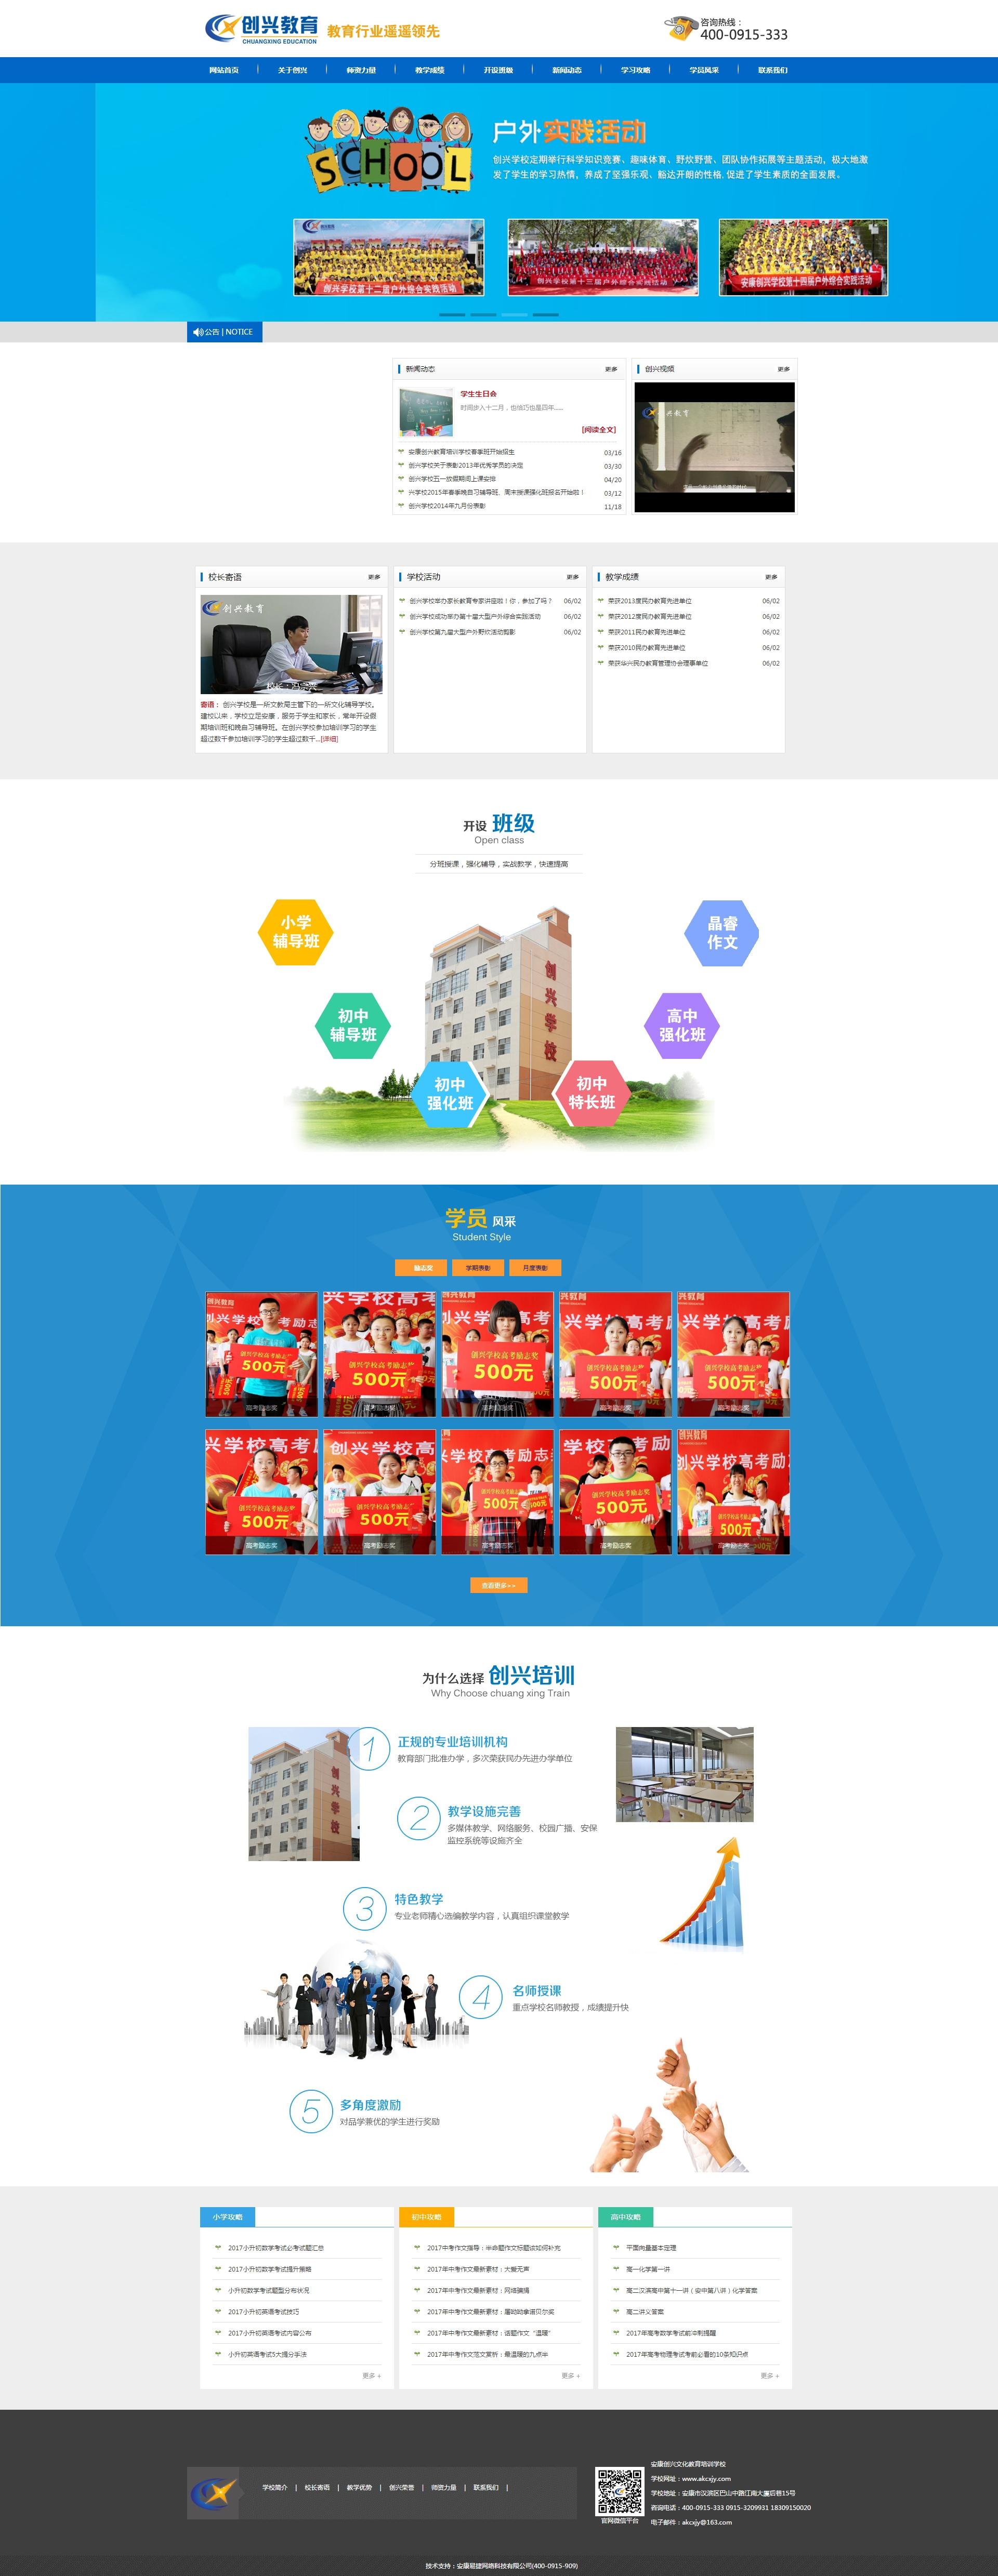 龙8娱乐创兴文化教育培训学校